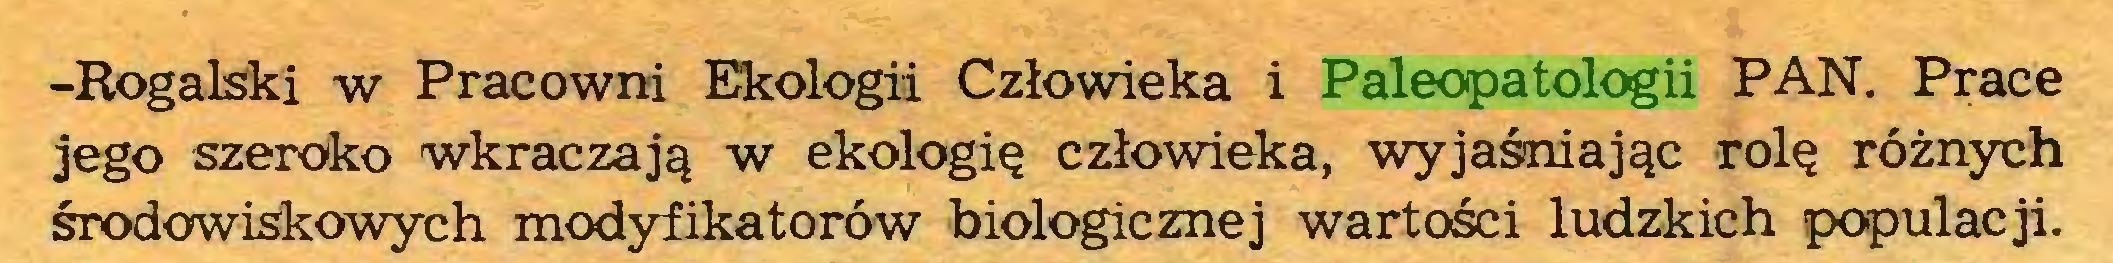 (...) -Rogalski w Pracowni Ekologii Człowieka i Paleopatologii PAN. Prace jego szeroko wkraczają w ekologię człowieka, wyjaśniając rolę różnych środowiskowych modyfikatorów biologicznej wartości ludzkich populacji...